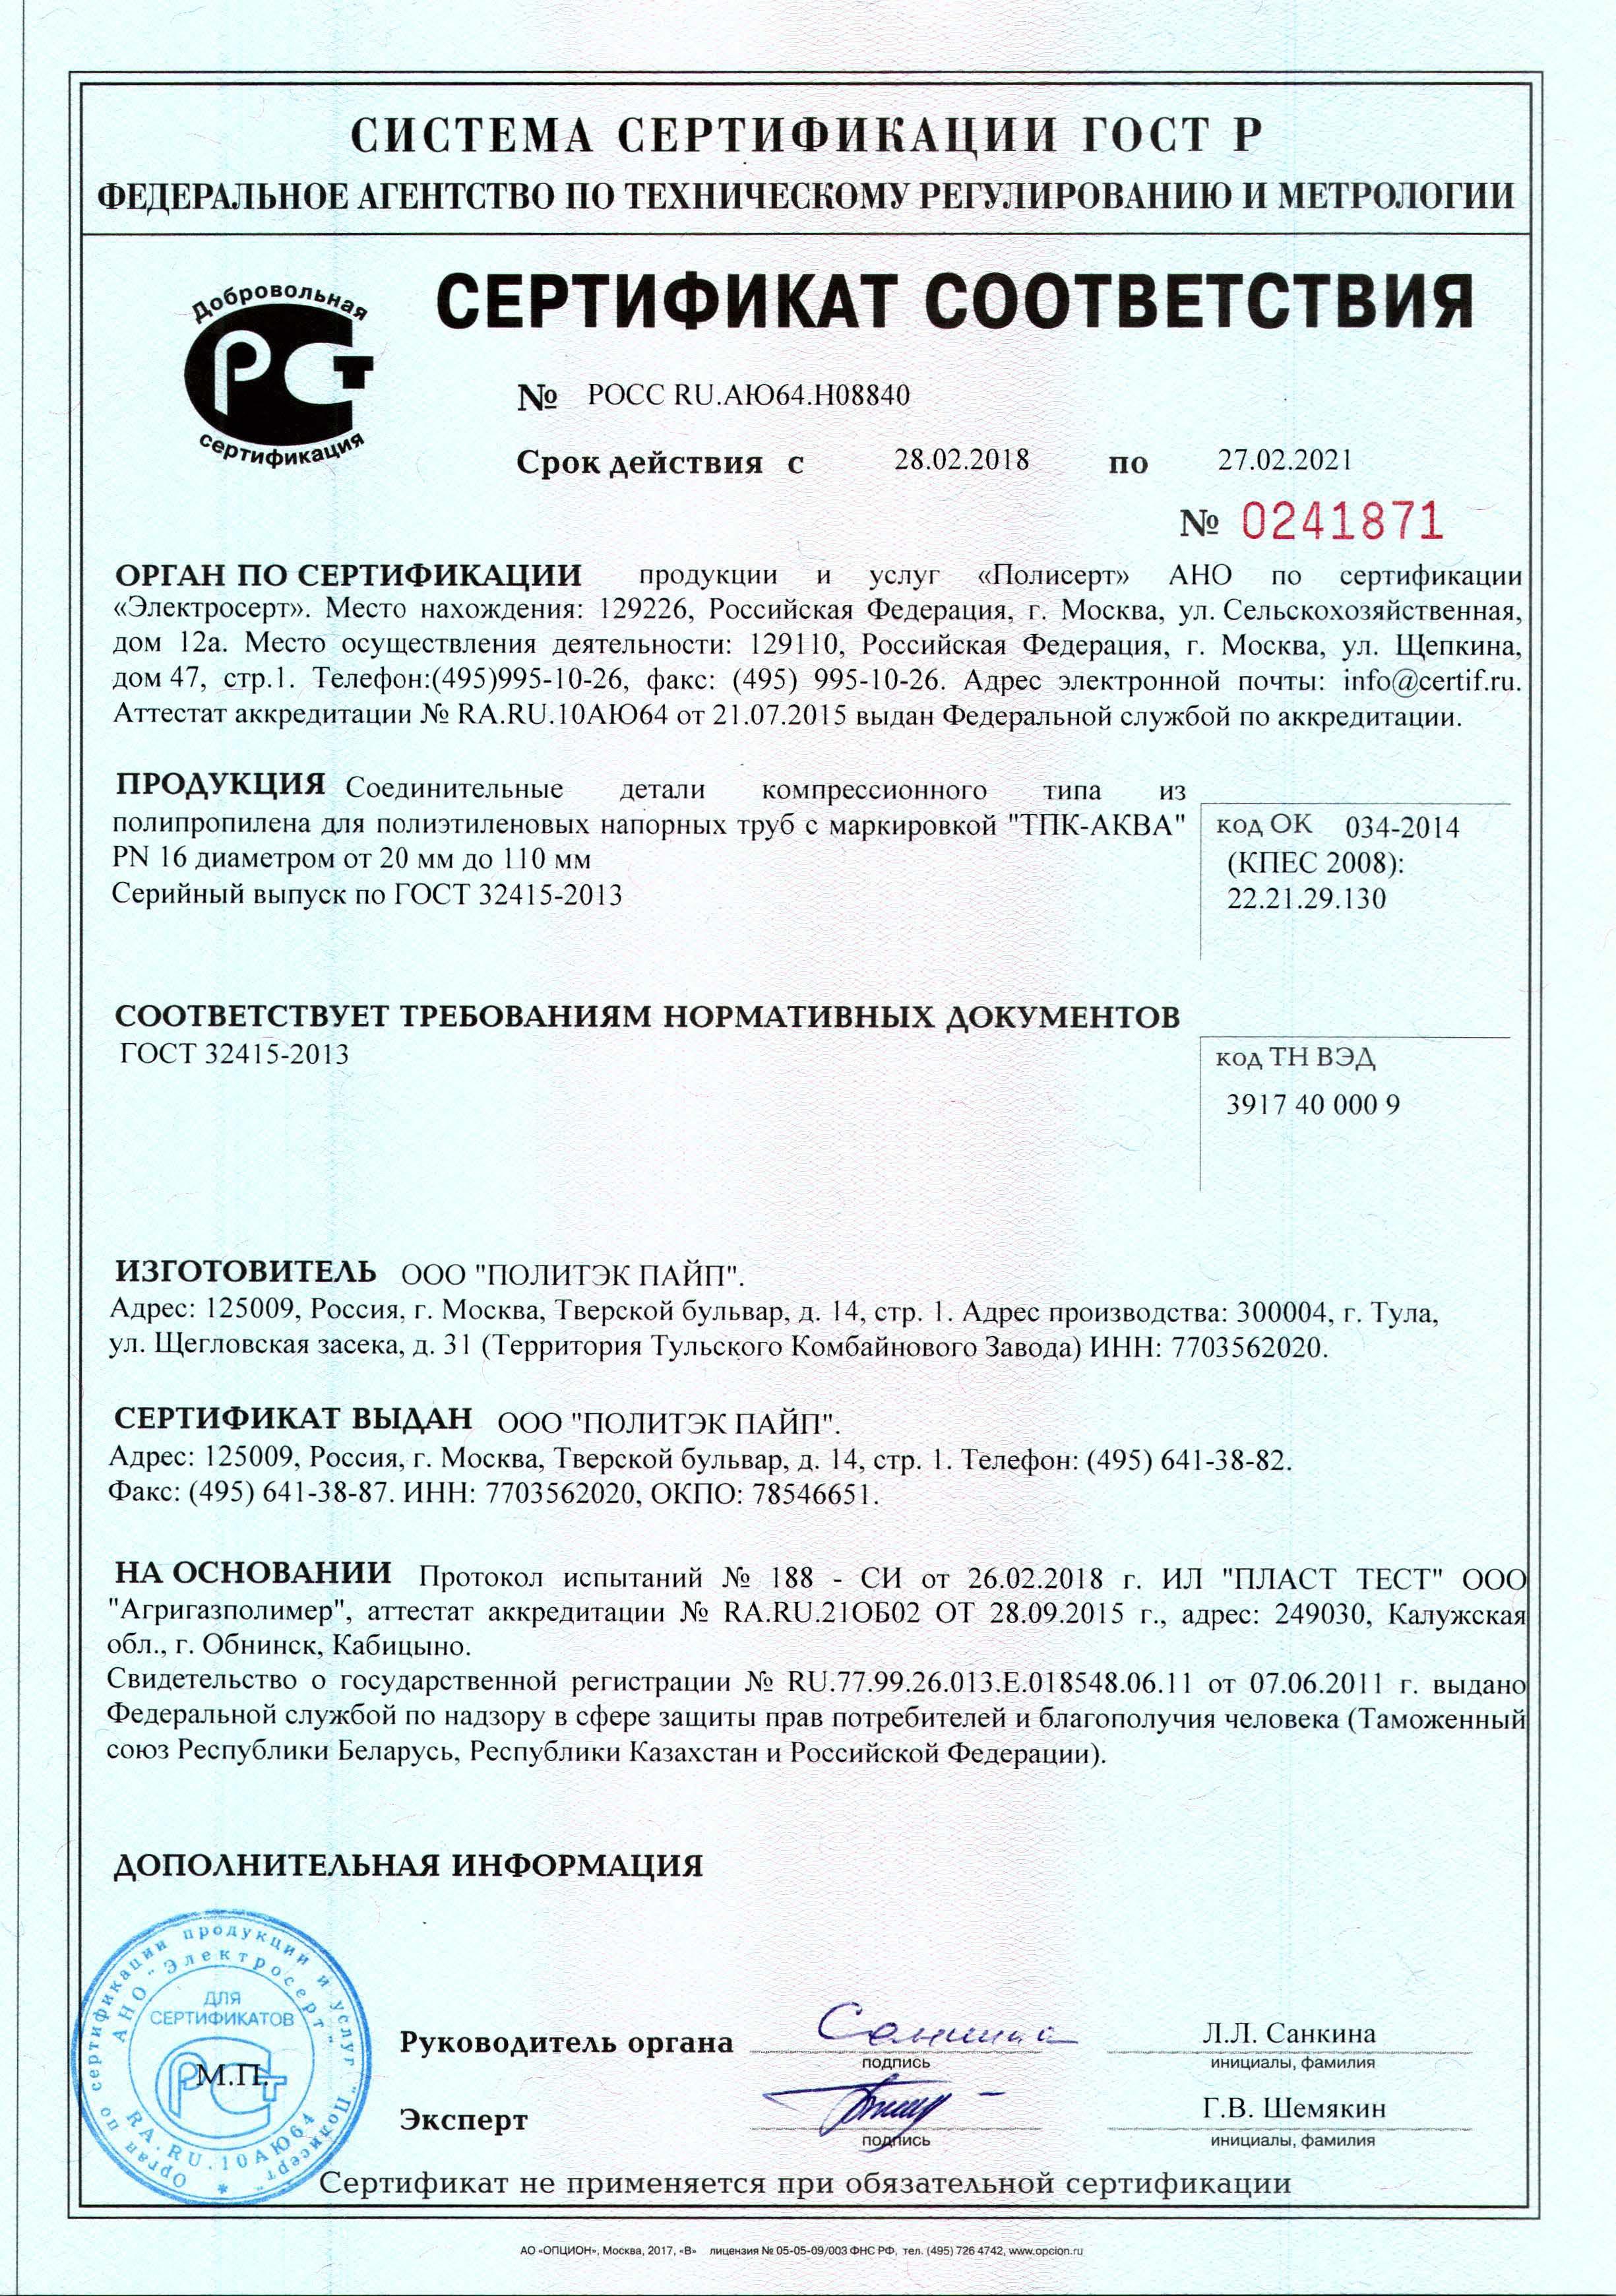 Сертификат на компрессионные фитинги ТПК-АКВА